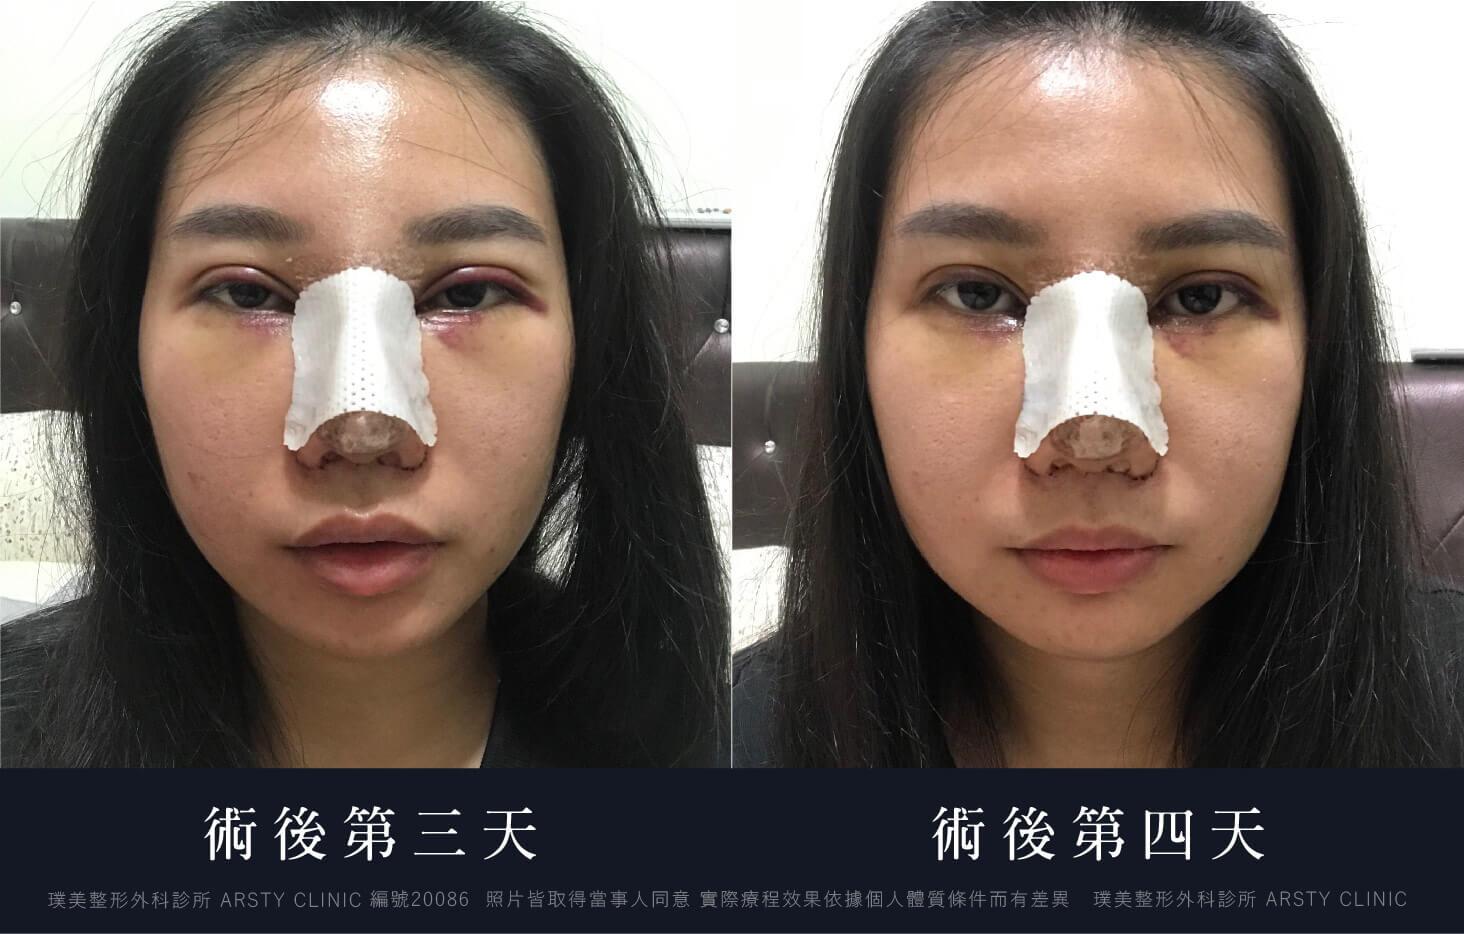 縫雙眼皮 開眼頭 隆鼻 縮鼻翼 敲鼻骨 2